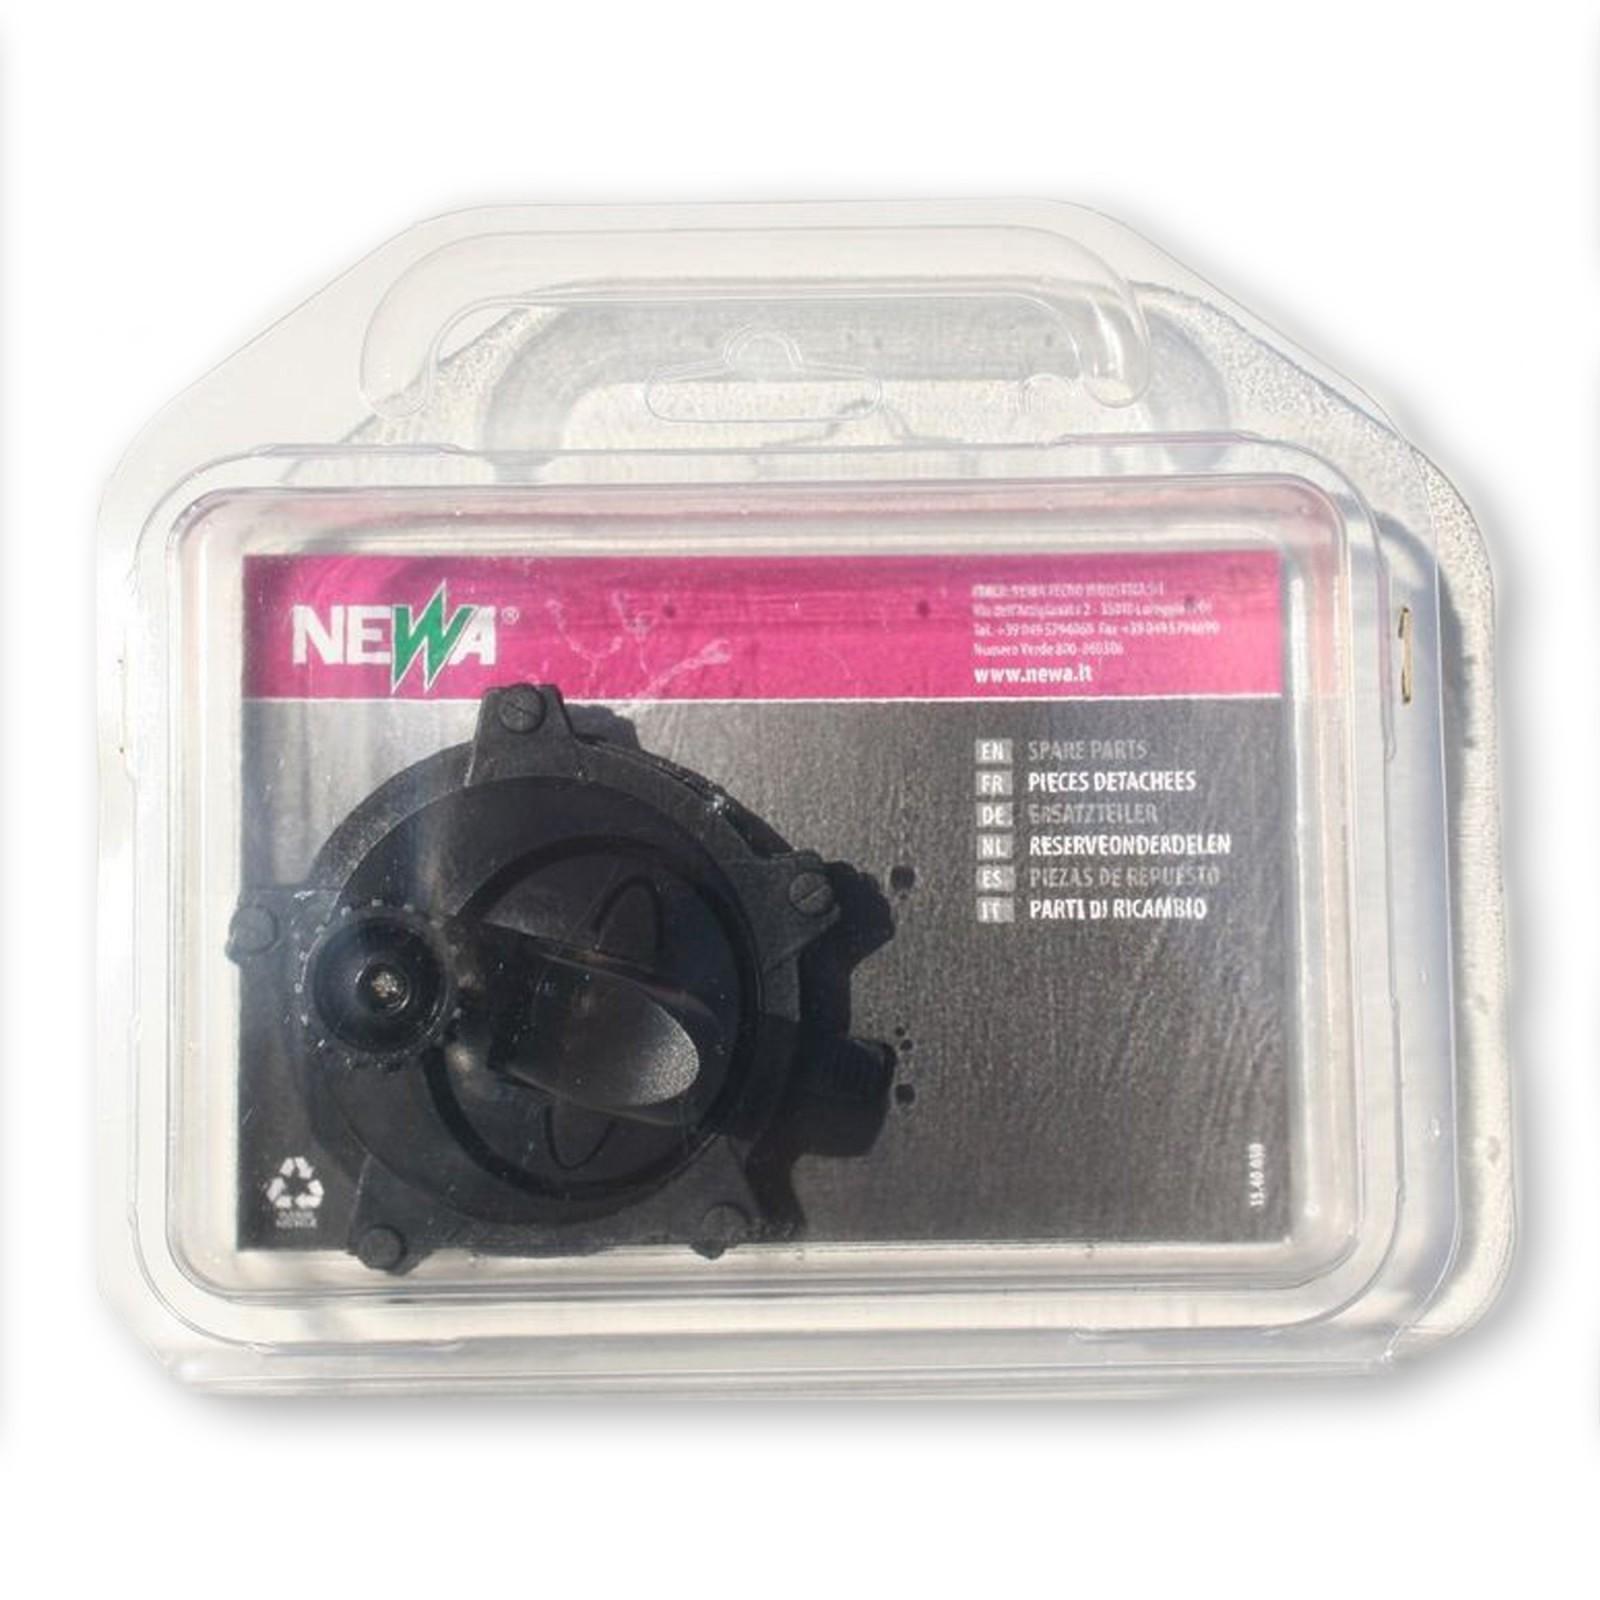 Newa Ricambio Newa Wave NWA Adj  2.7-9.7 Supporto con Ventosa